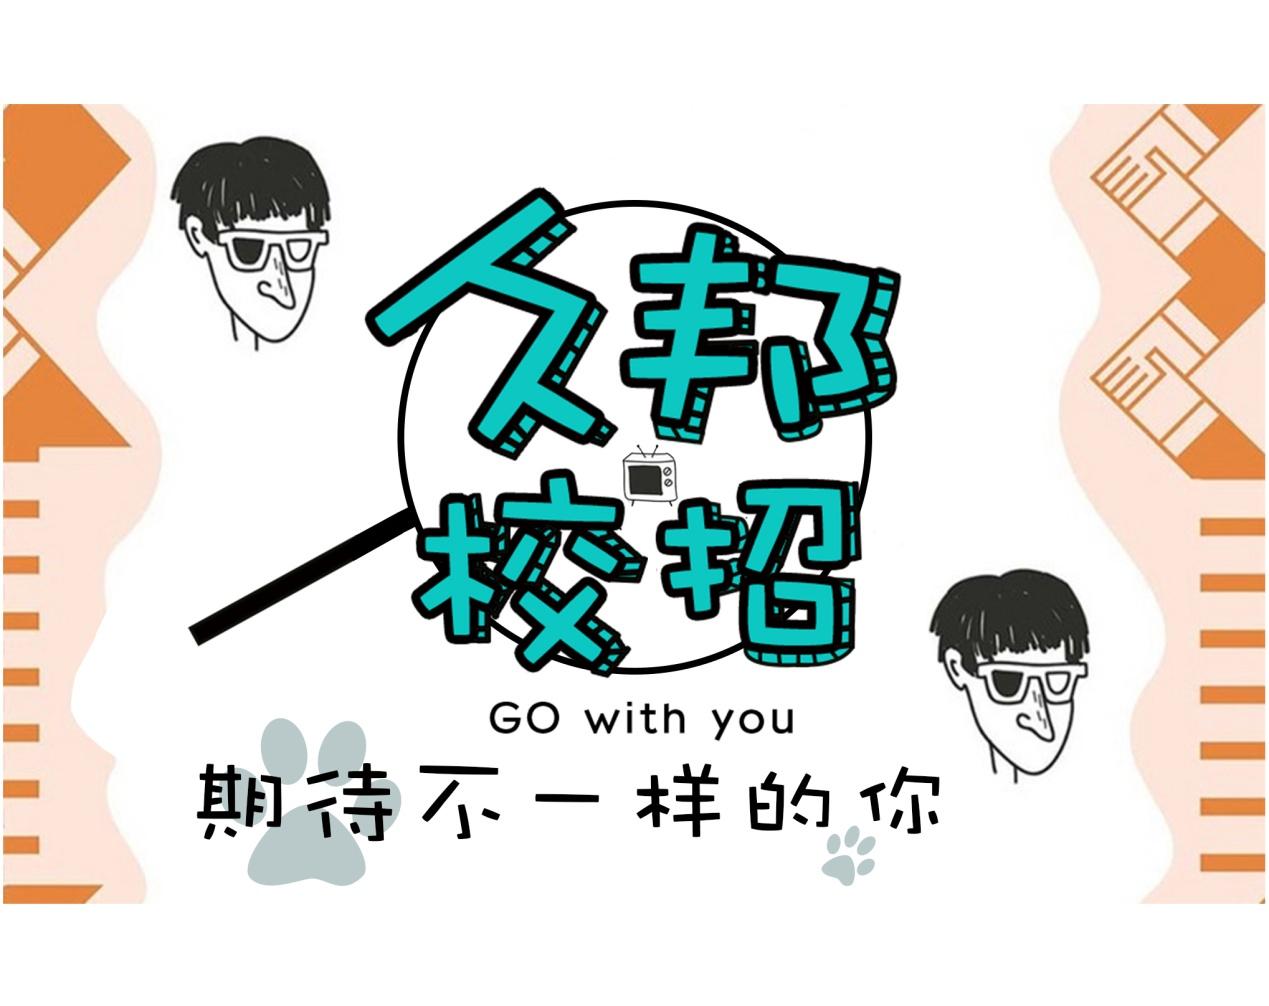 广州市久邦数码有限公司宣讲会